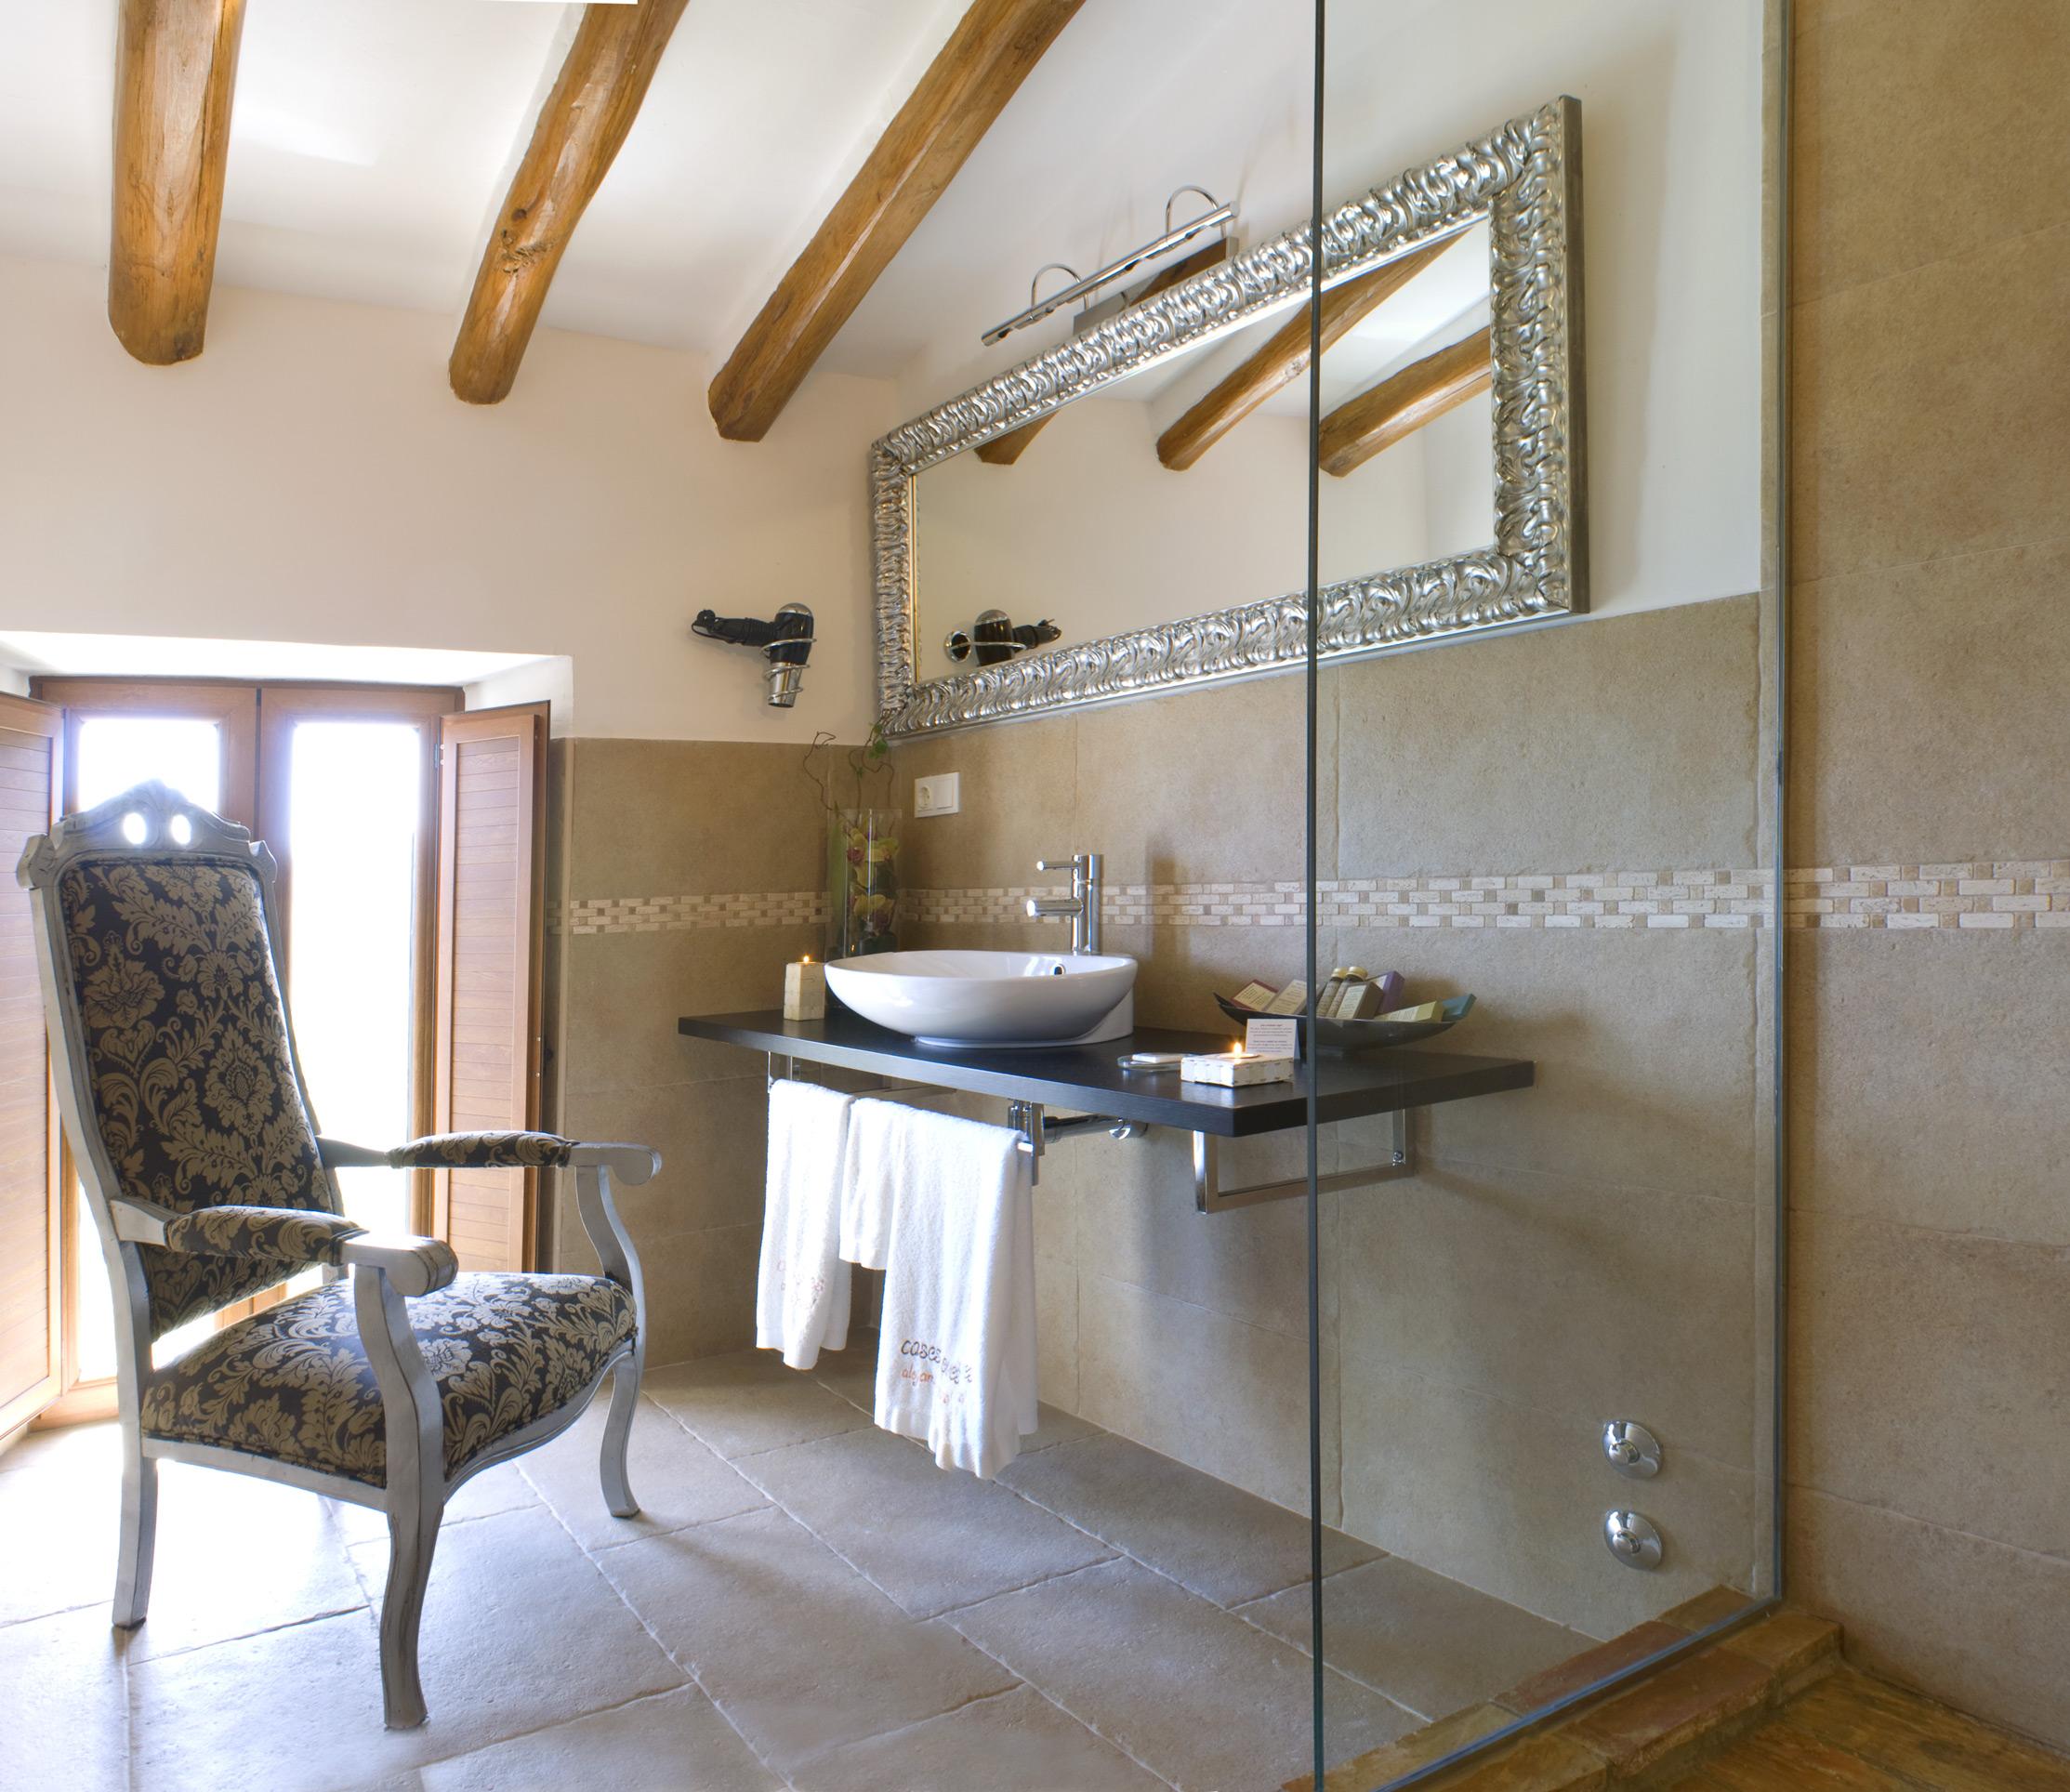 Arquitectura t cnica rehabilitaciones - Casa rural guadalest ...